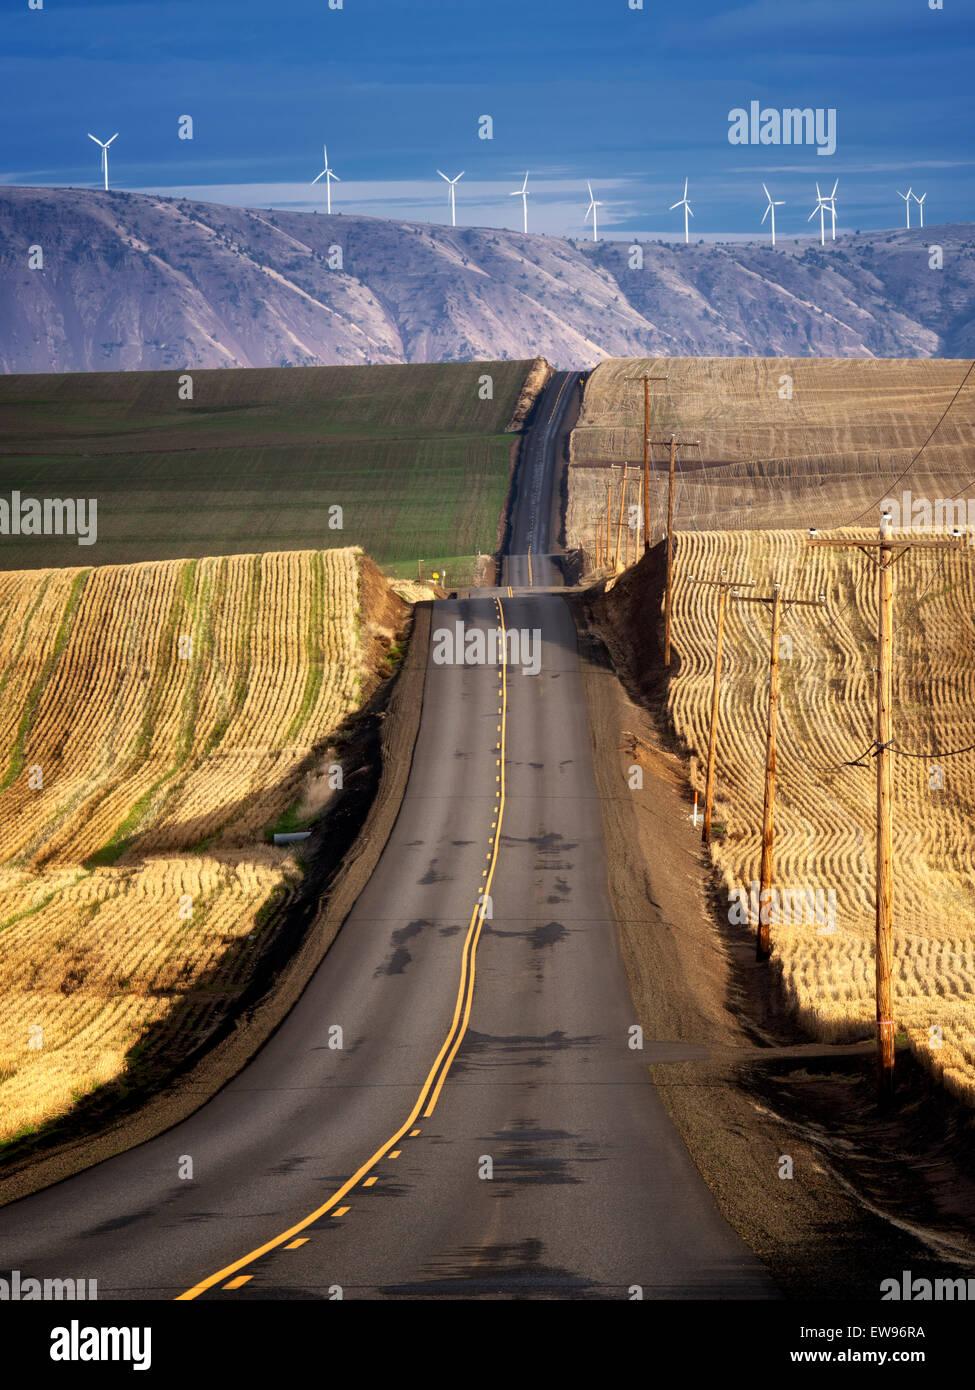 Route de campagne et les éoliennes dans Sherman comté près de la Columbia River Gorge, Oregon Photo Stock